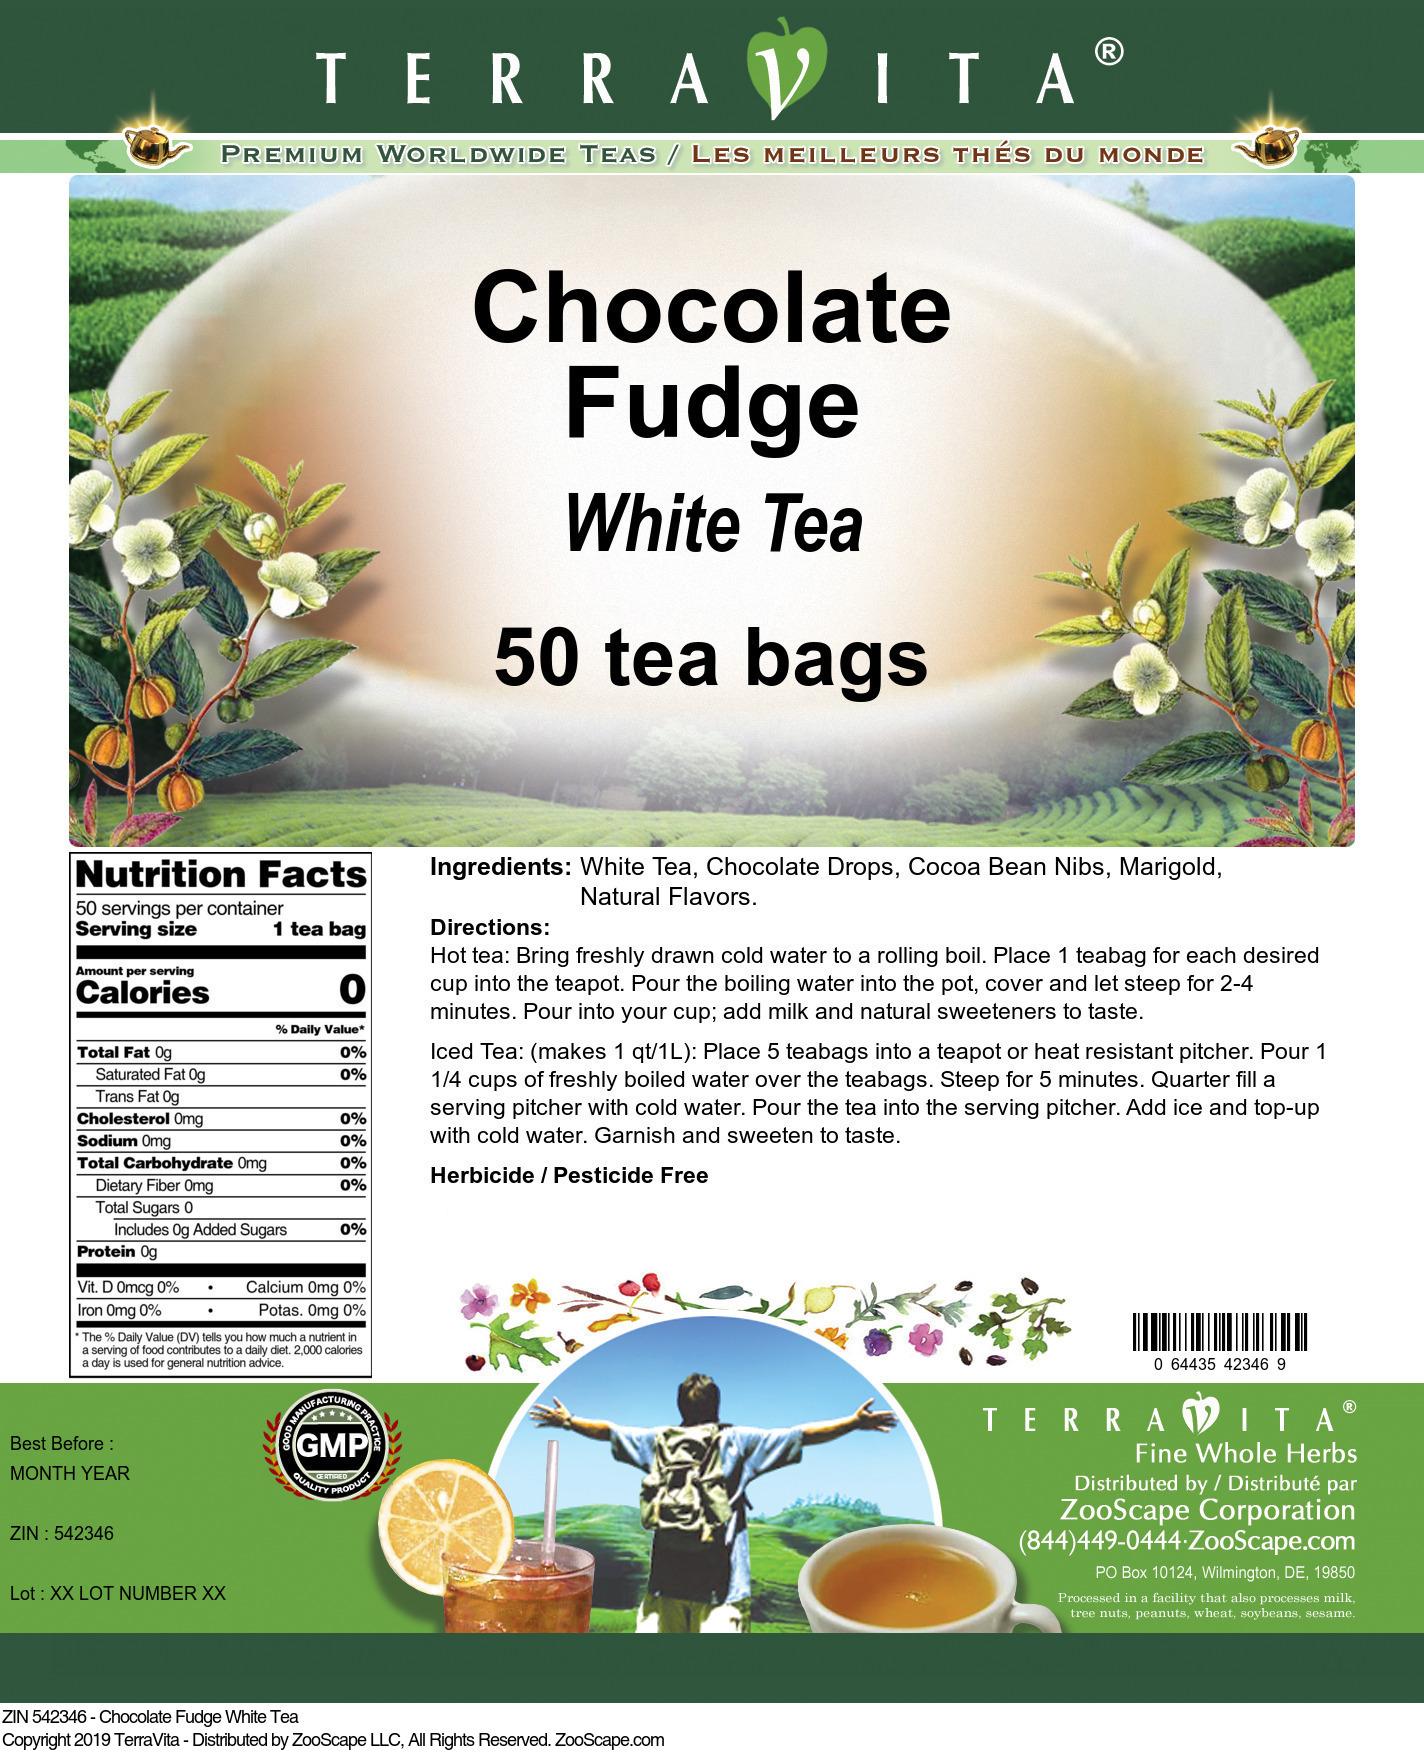 Chocolate Fudge White Tea